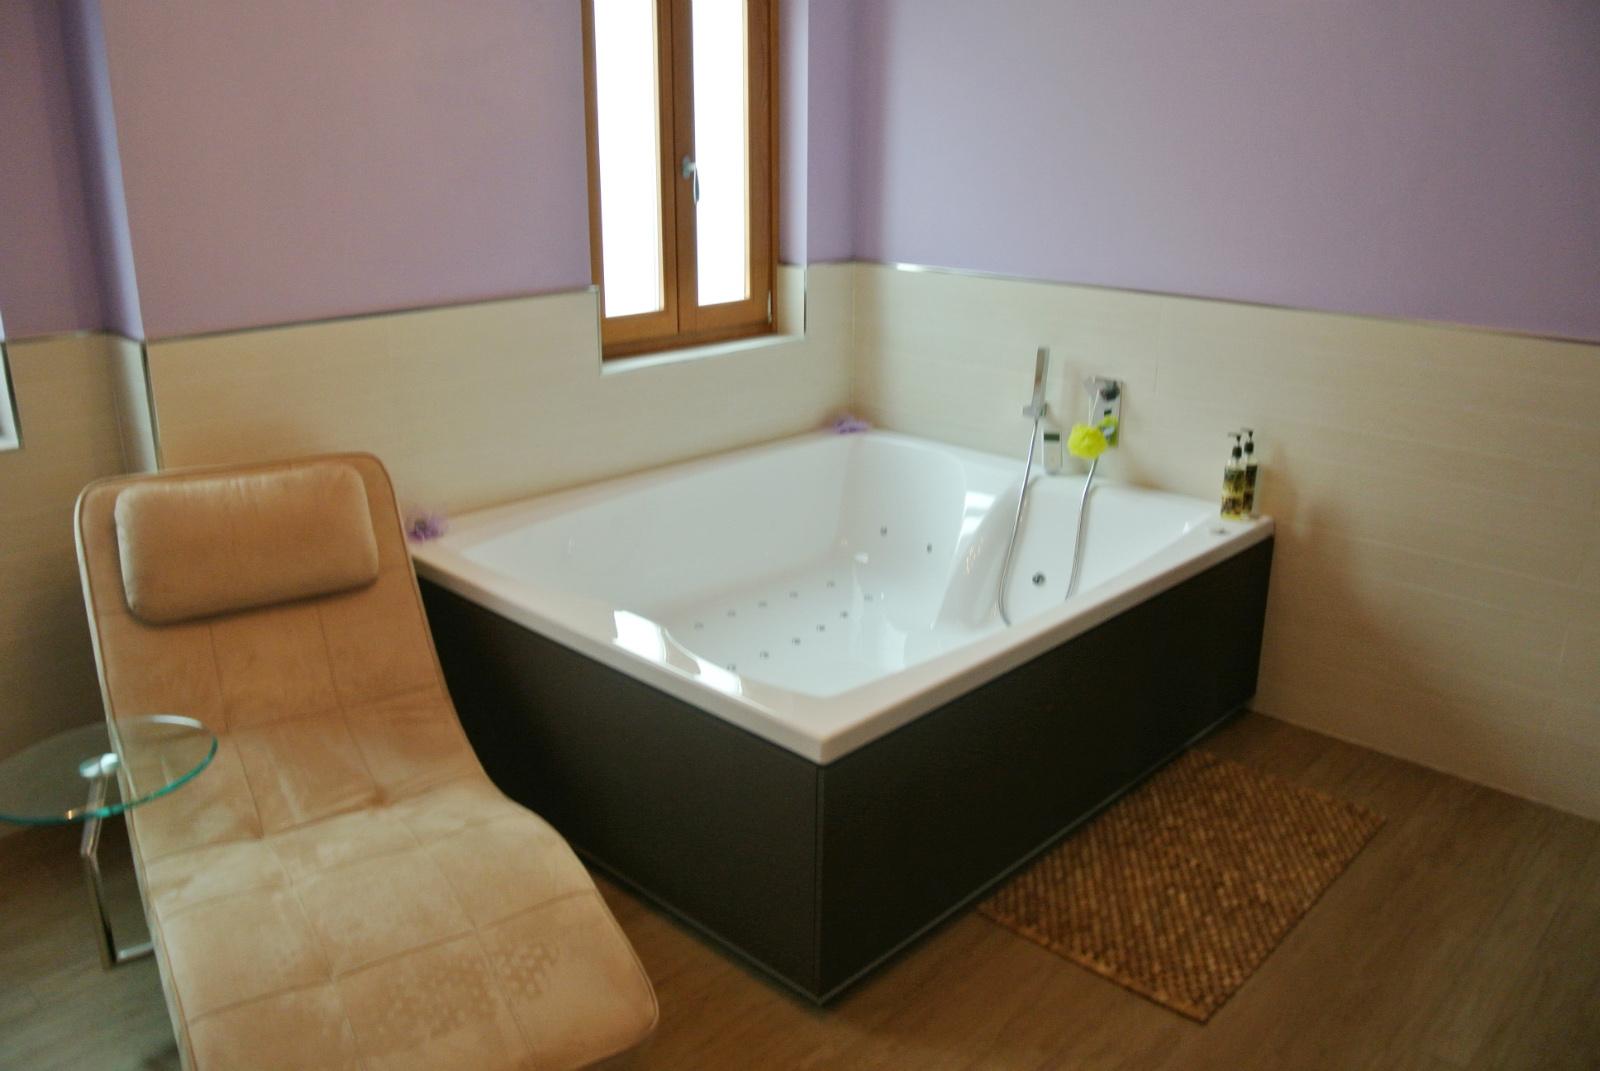 sintesibagno-verbania-svizzera-canton-ticino-vasca-da-bagno-doppia-grande-dimensione-bagno-completo-arredobagno-04